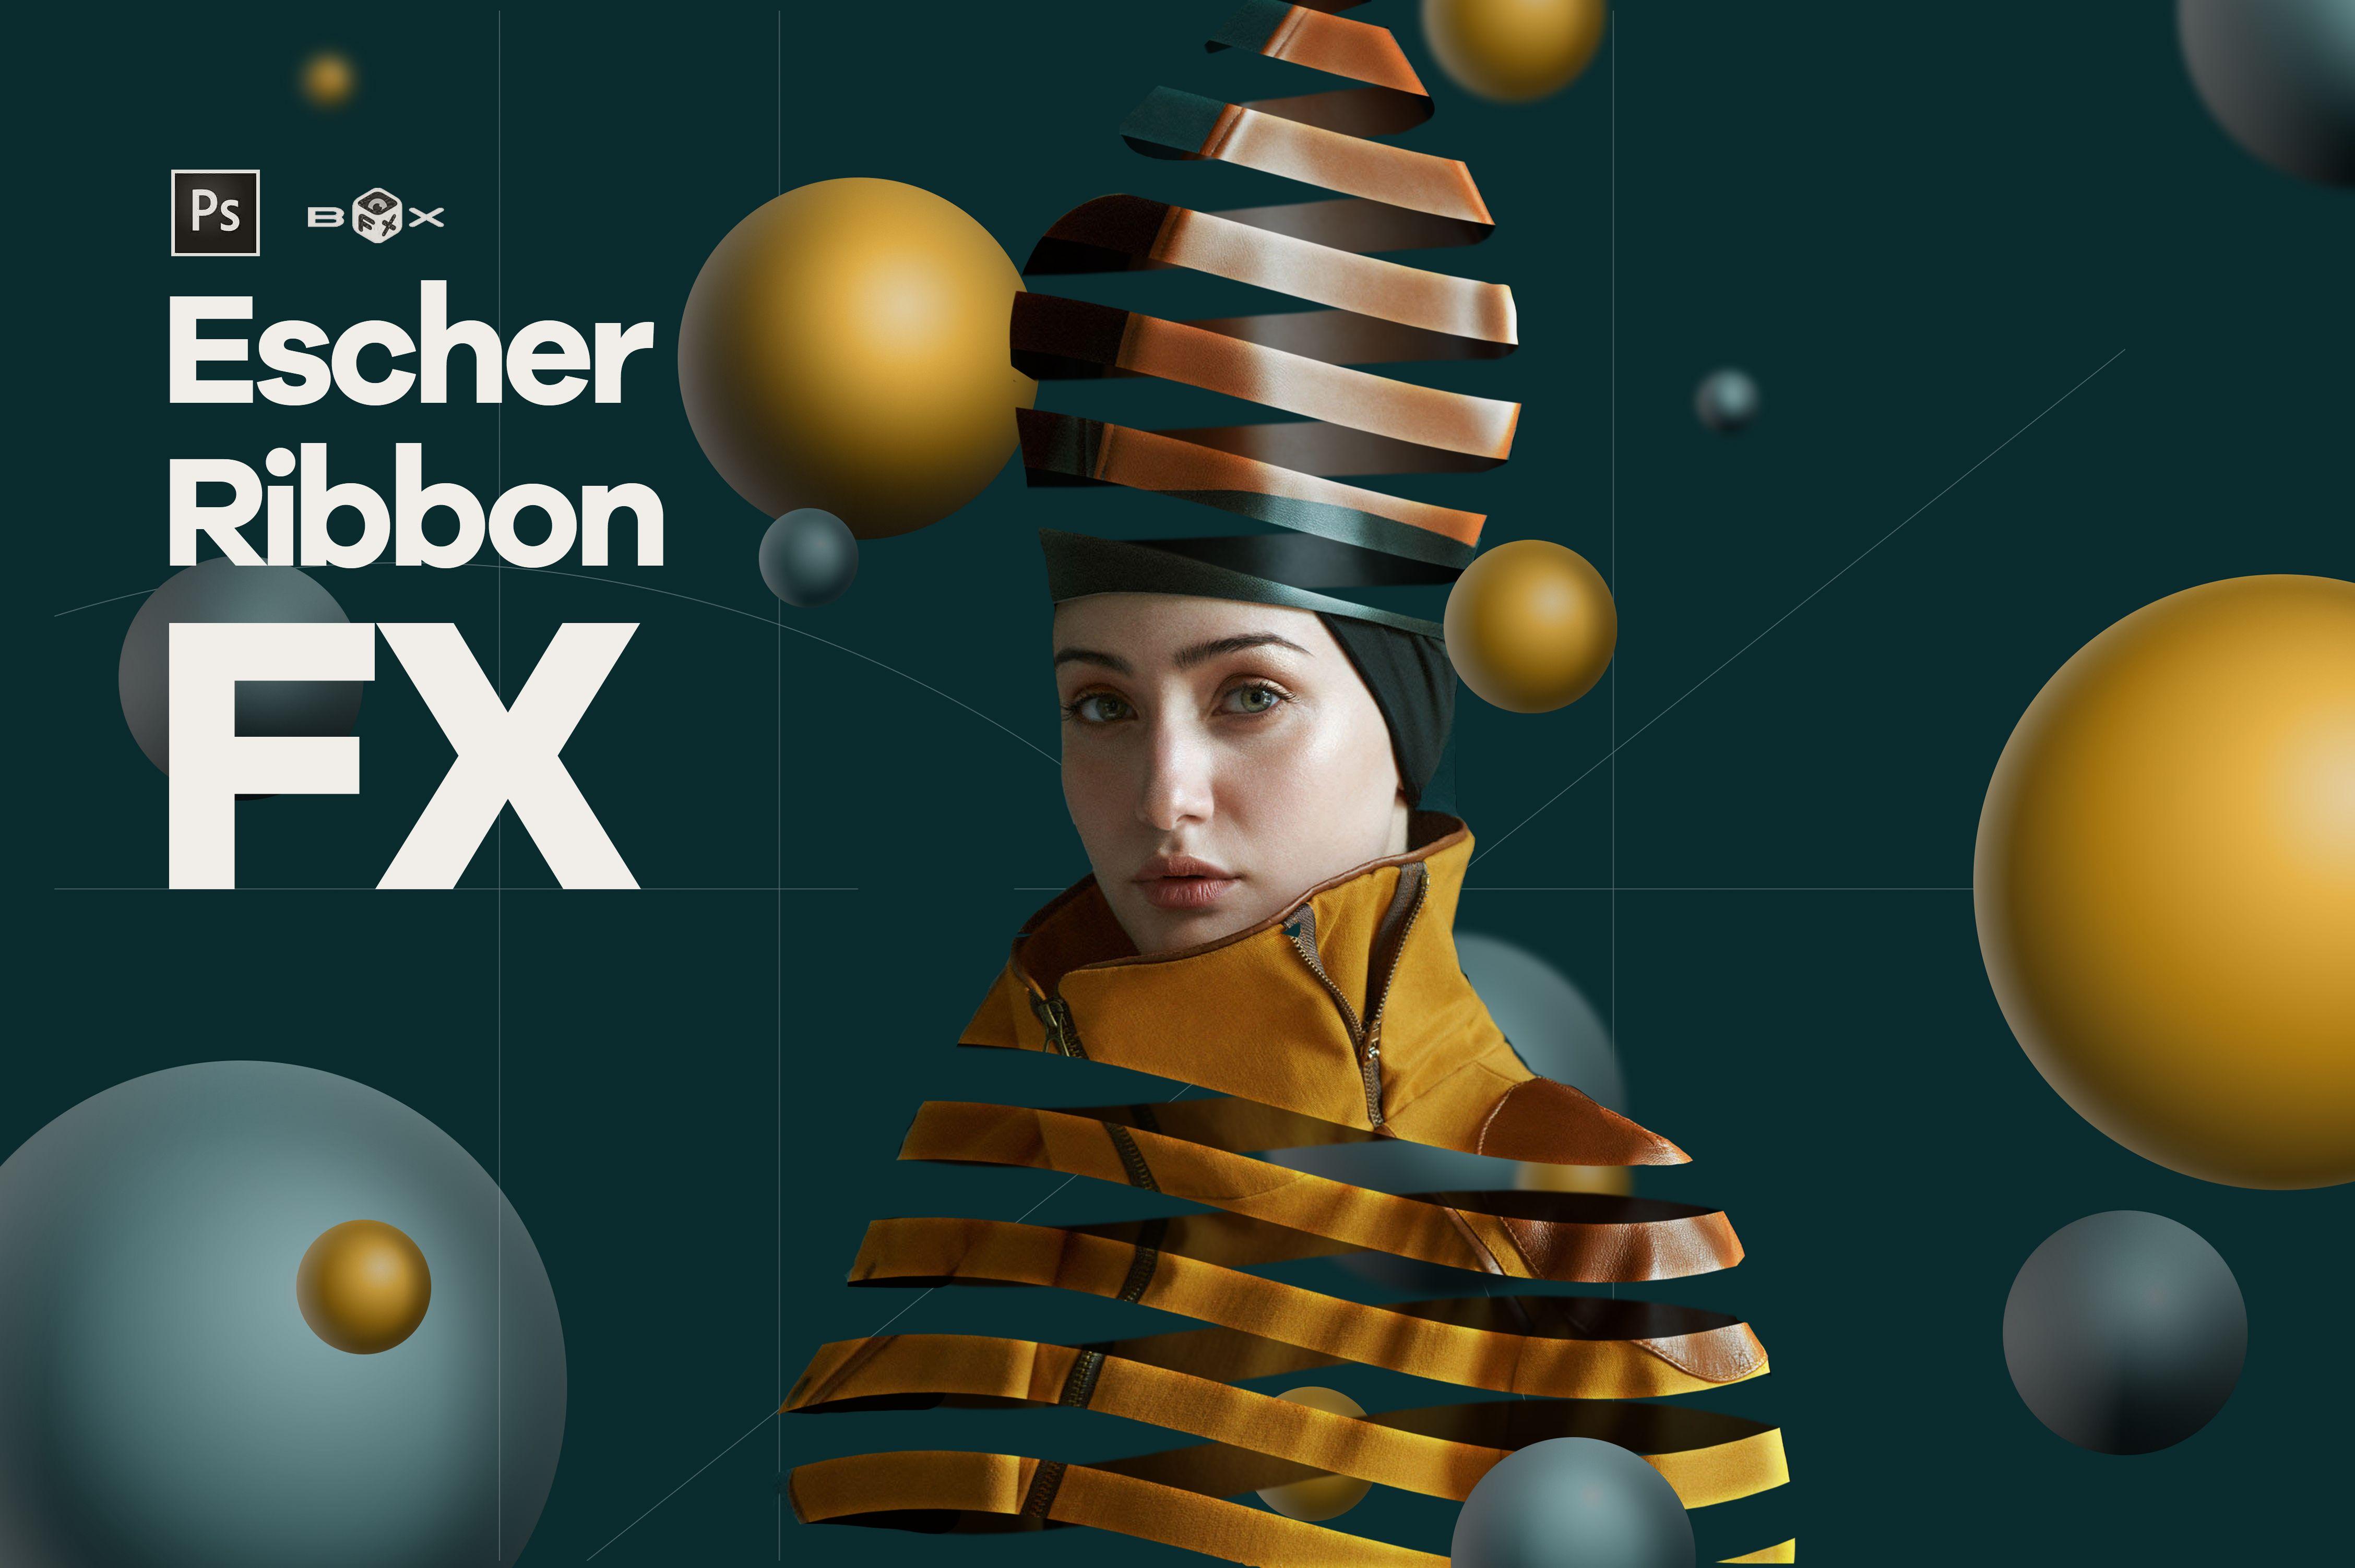 Escher Ribbon FX AddOn Cool